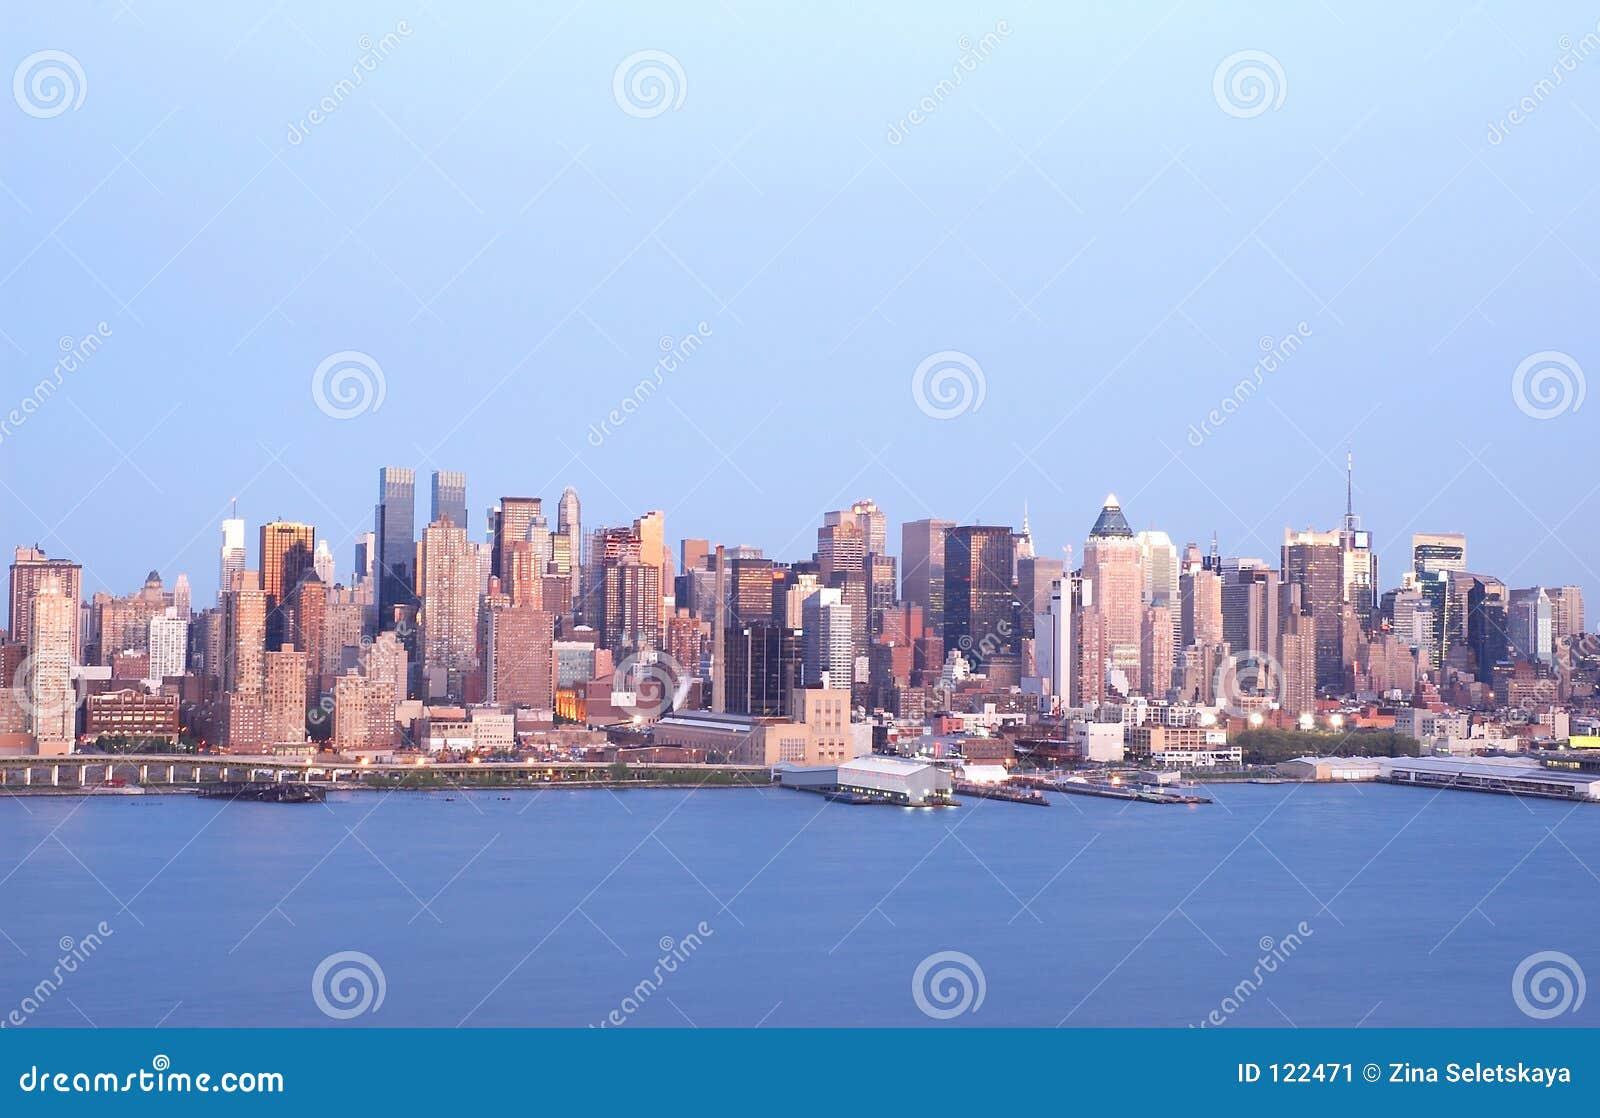 NYC Horizon 4